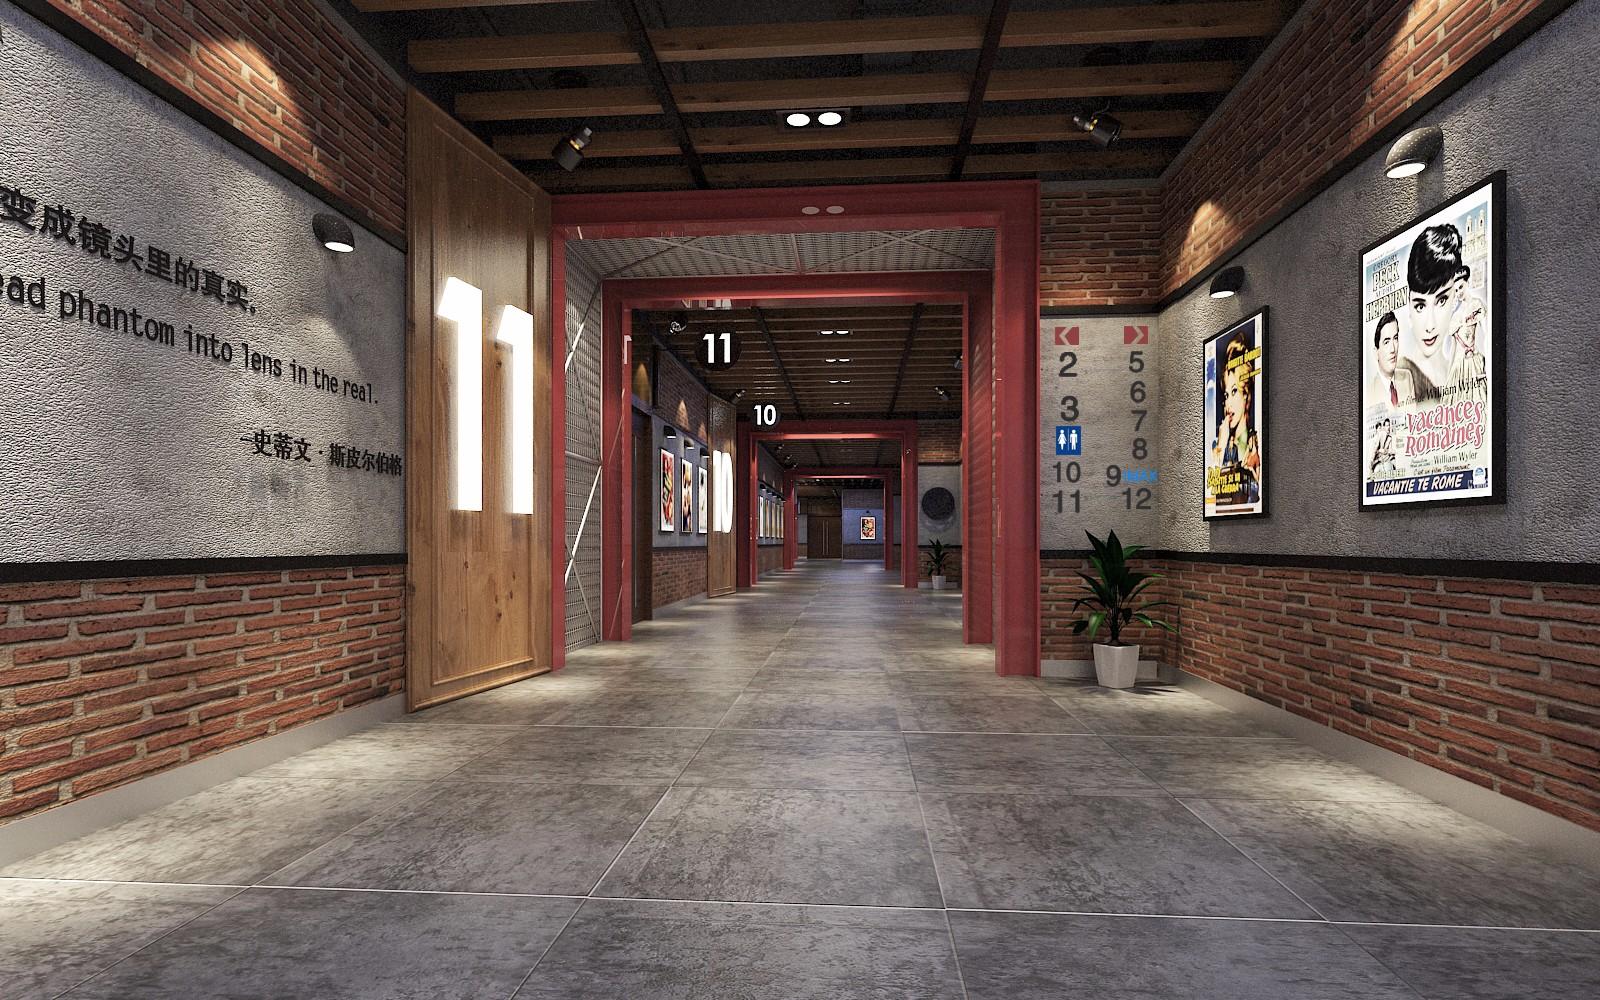 西安老城根g-park开顿IMAX影城